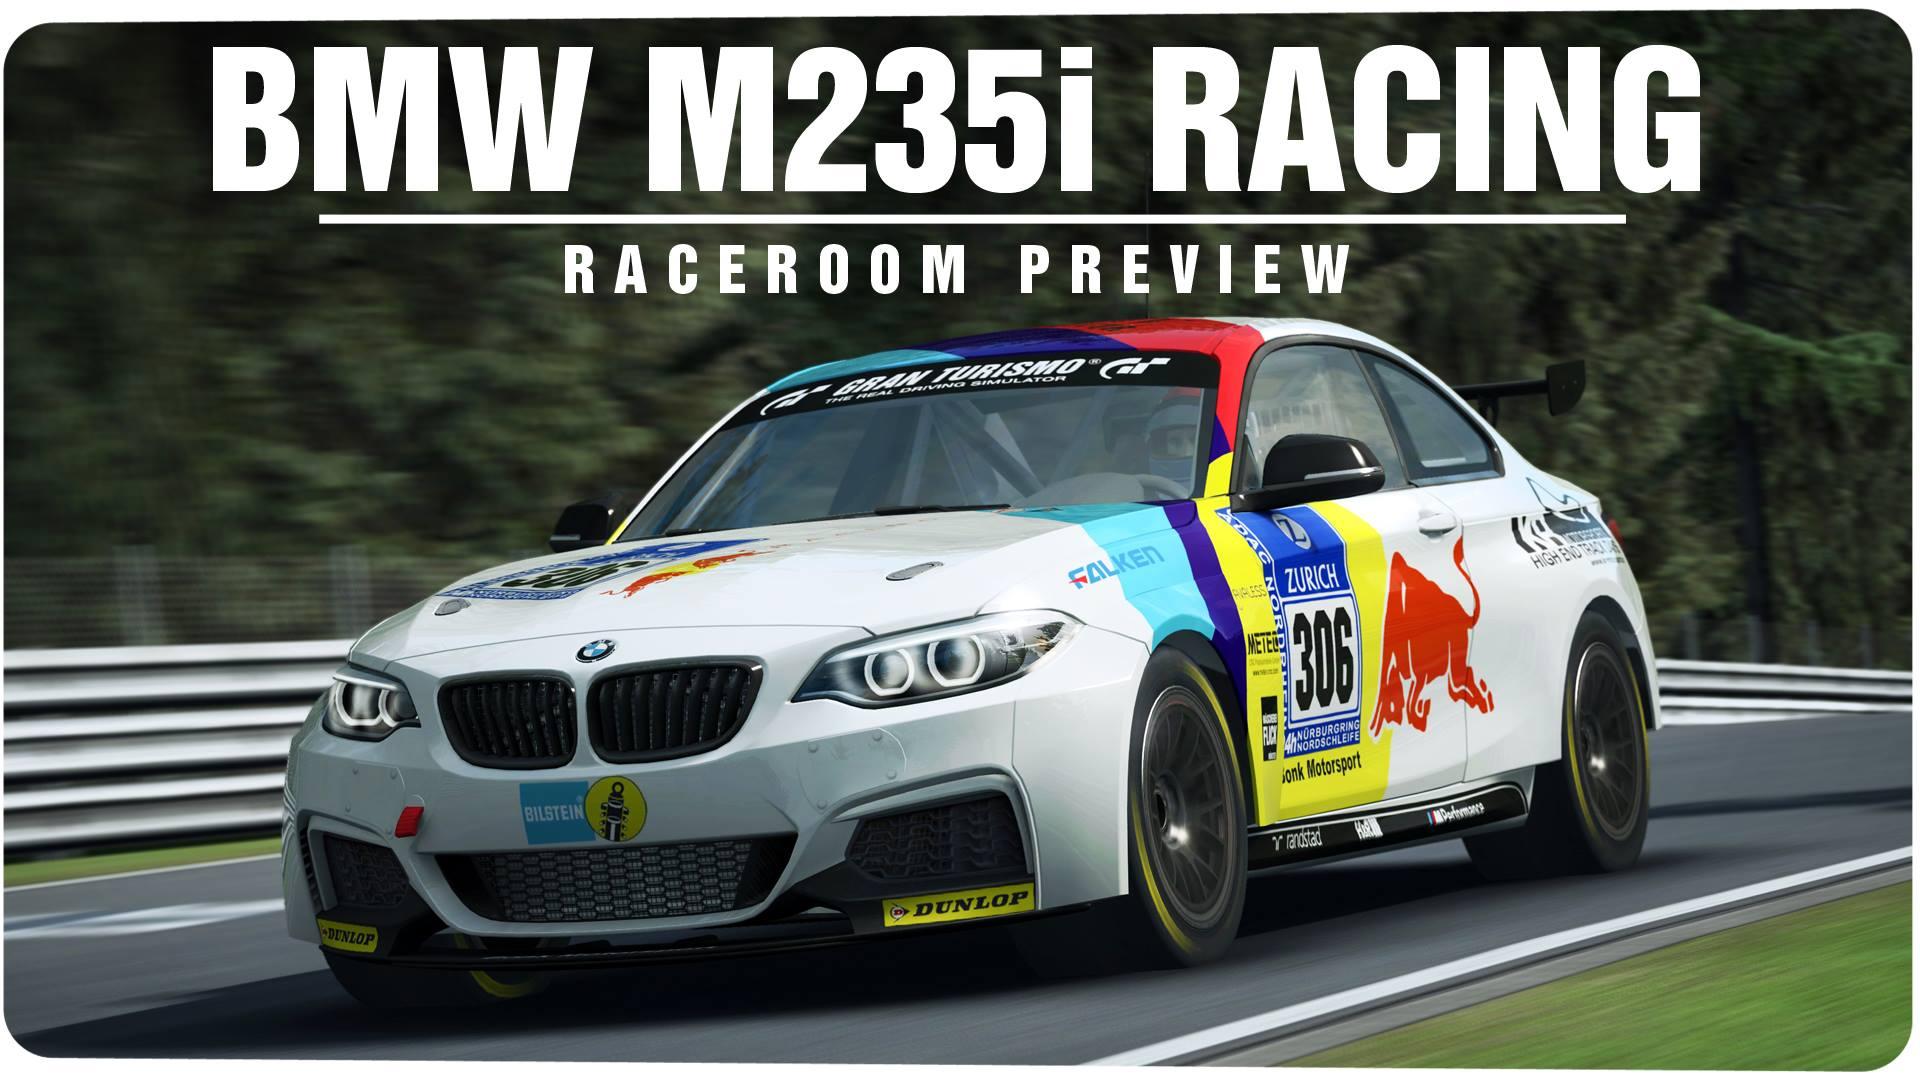 RaceRoom BMW M235i Preview.jpg